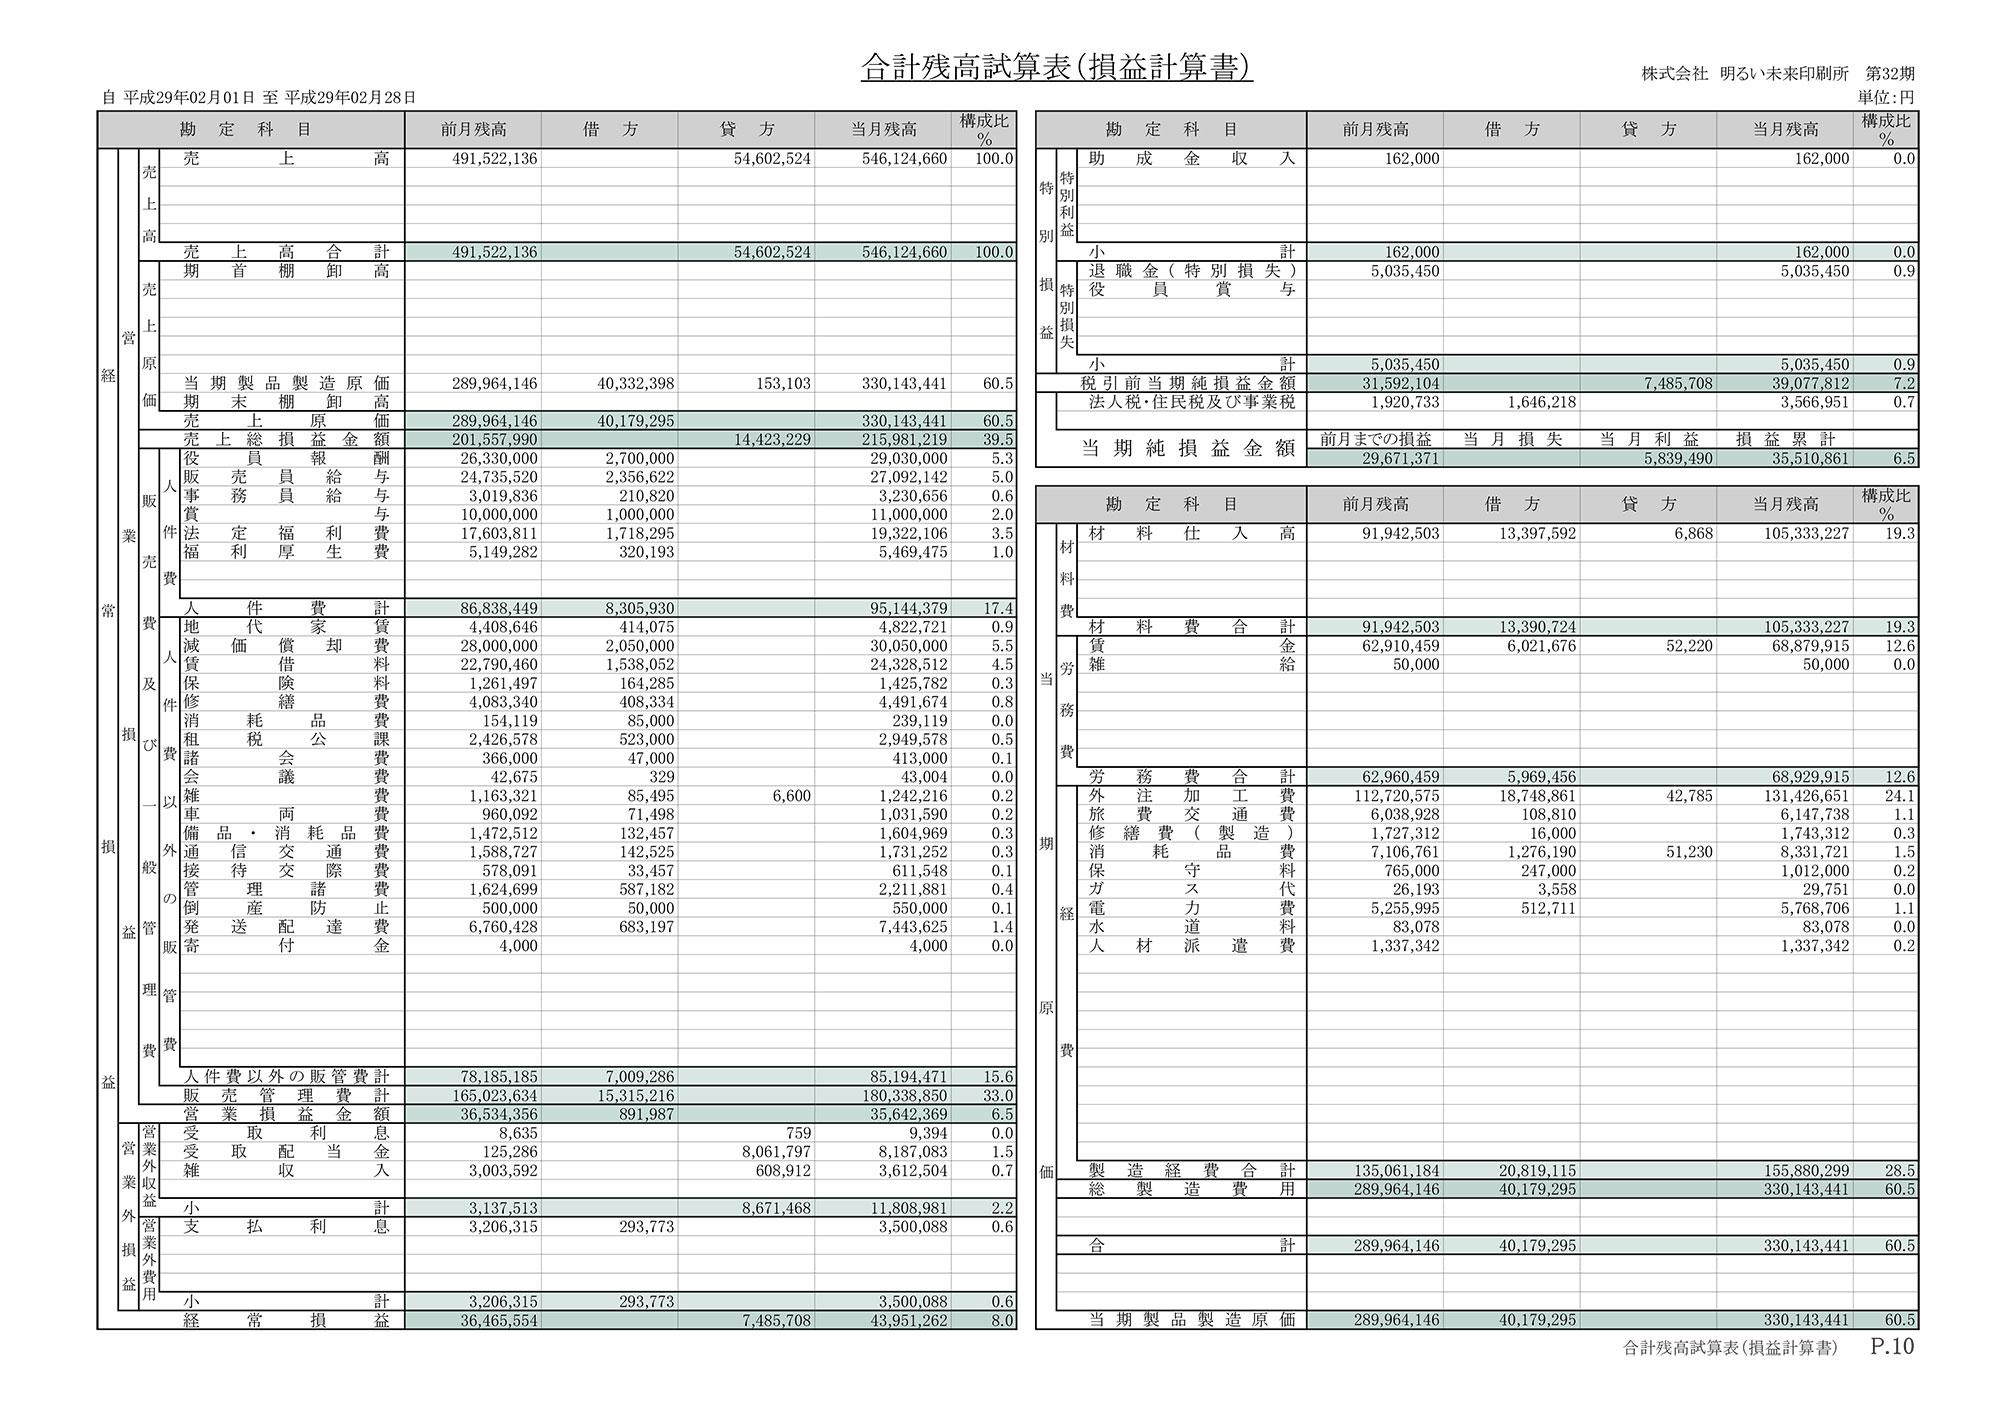 合計残高試算表(損益計算書)